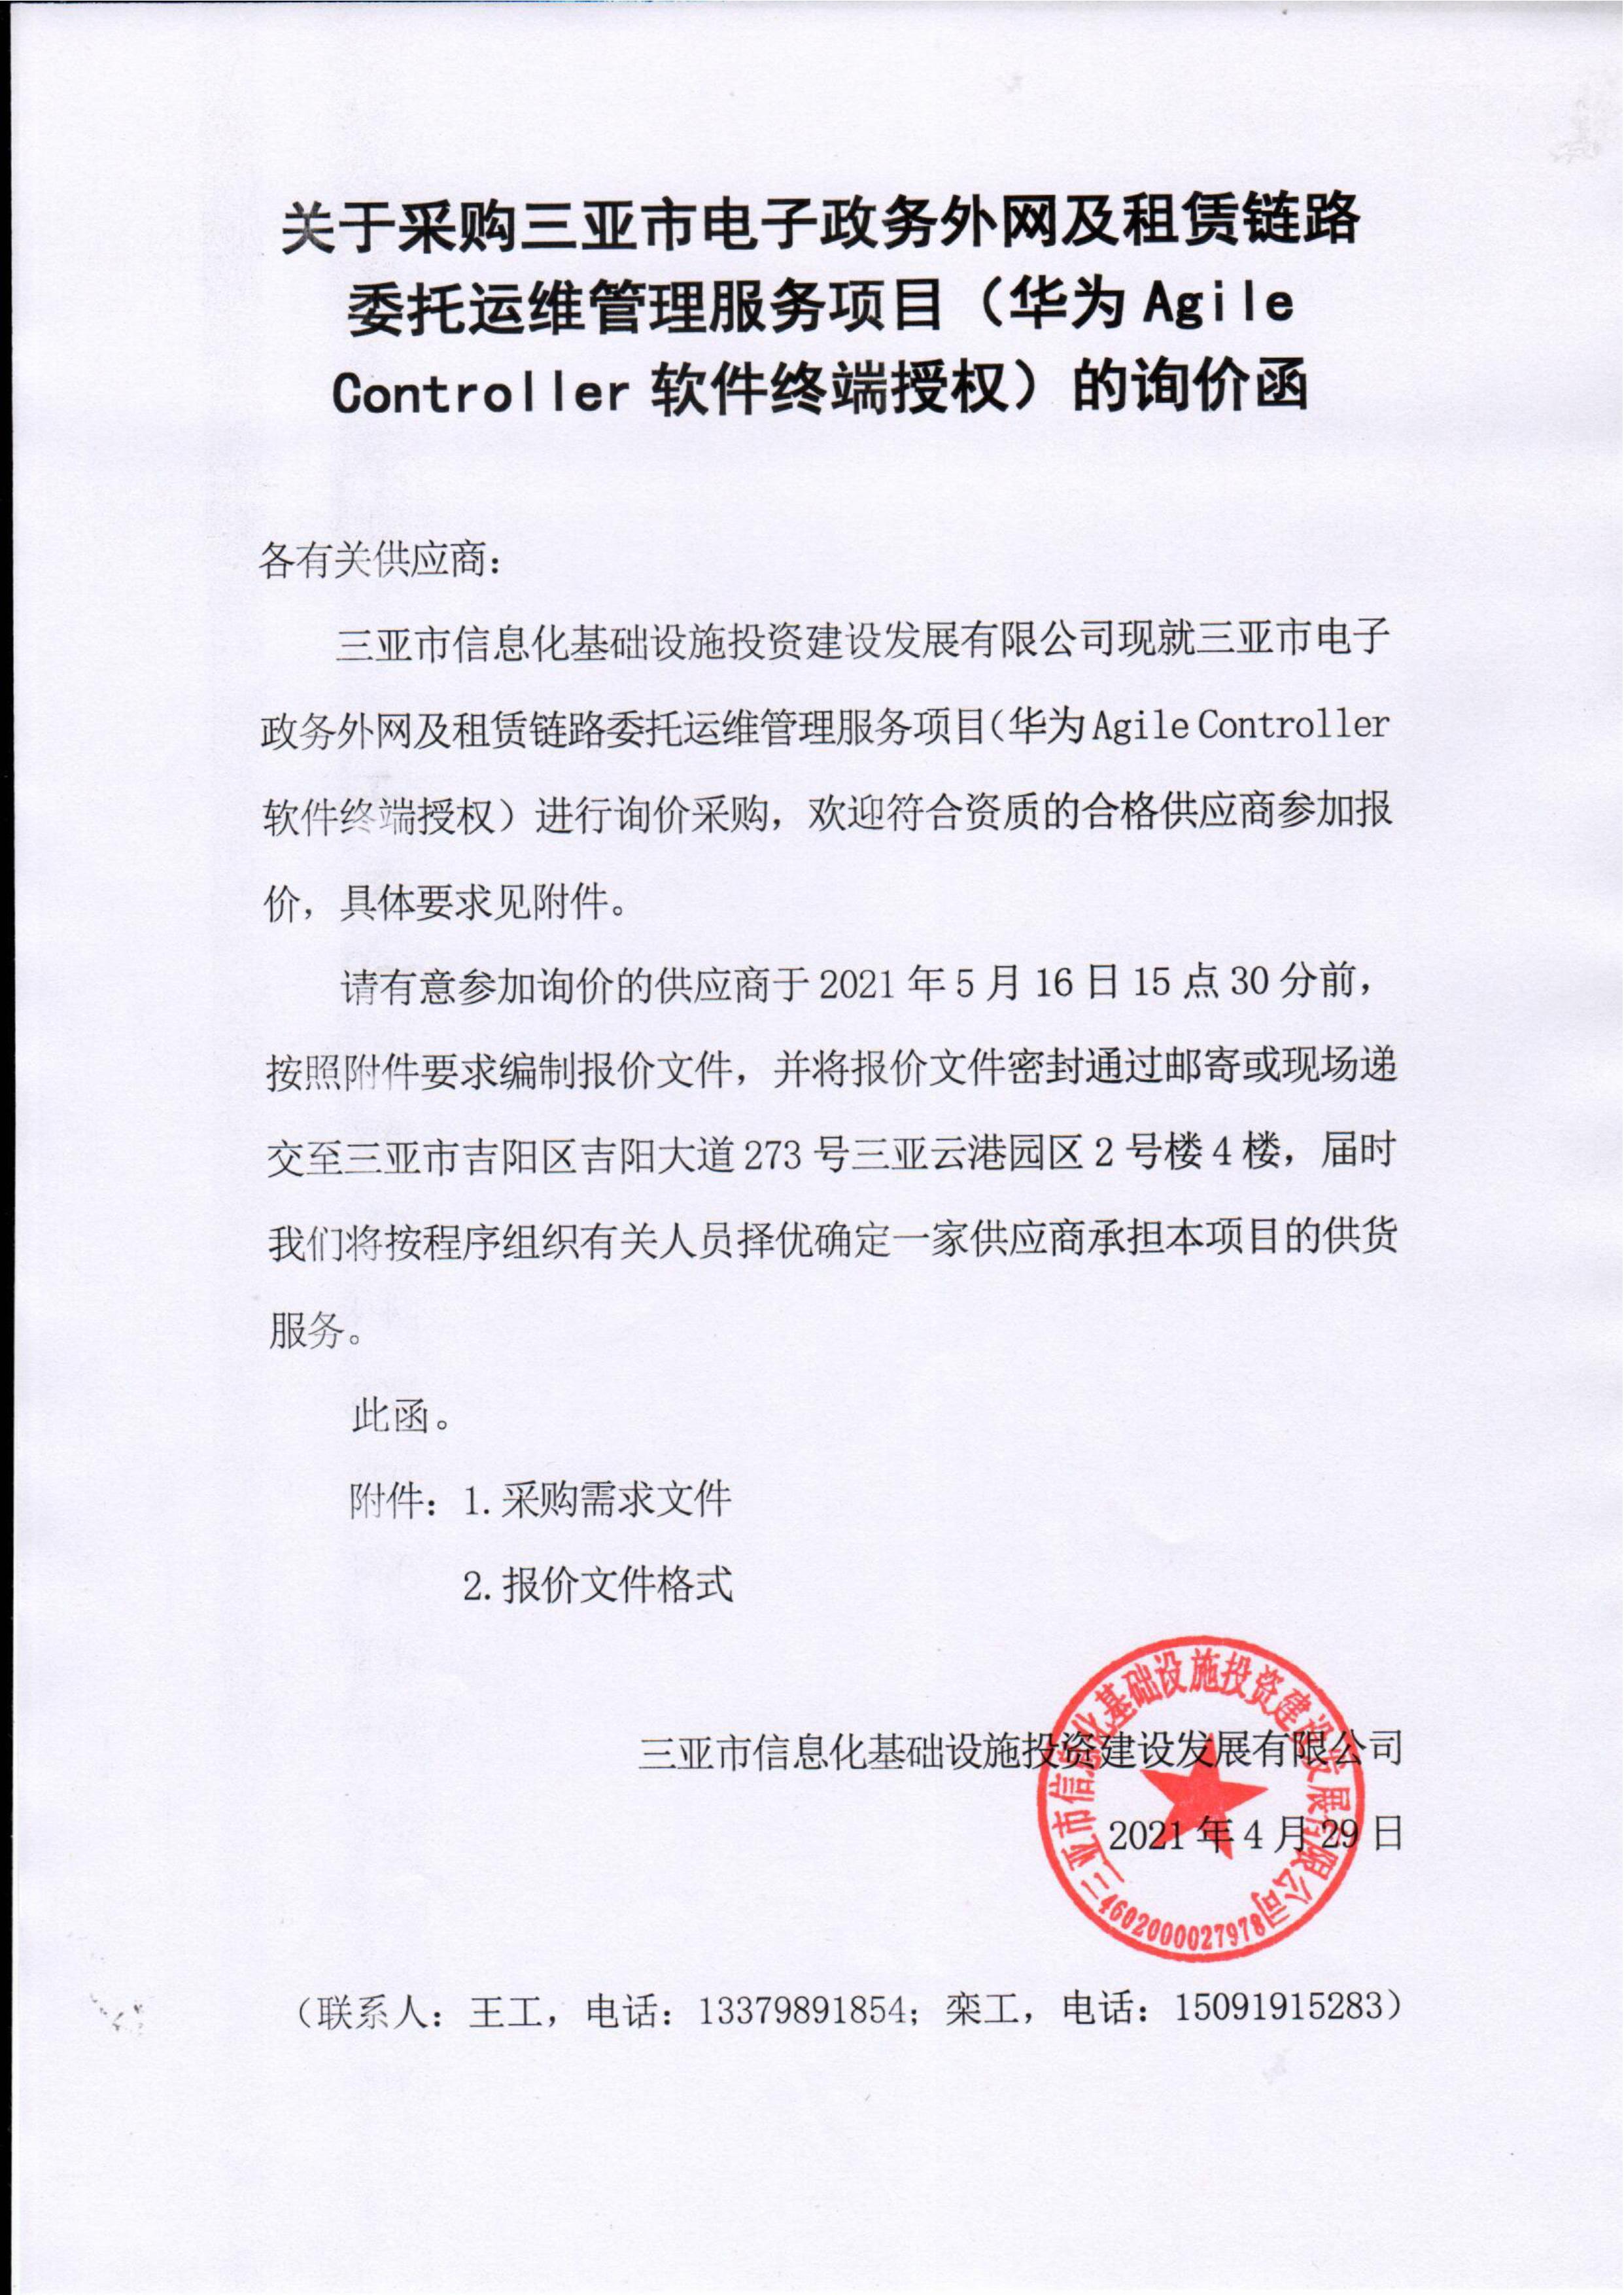 關于采購三亞市電子政務外網及租賃鏈路委托運維管理服務項目(華為Agile Controller軟件終端授權)的詢價函.jpg